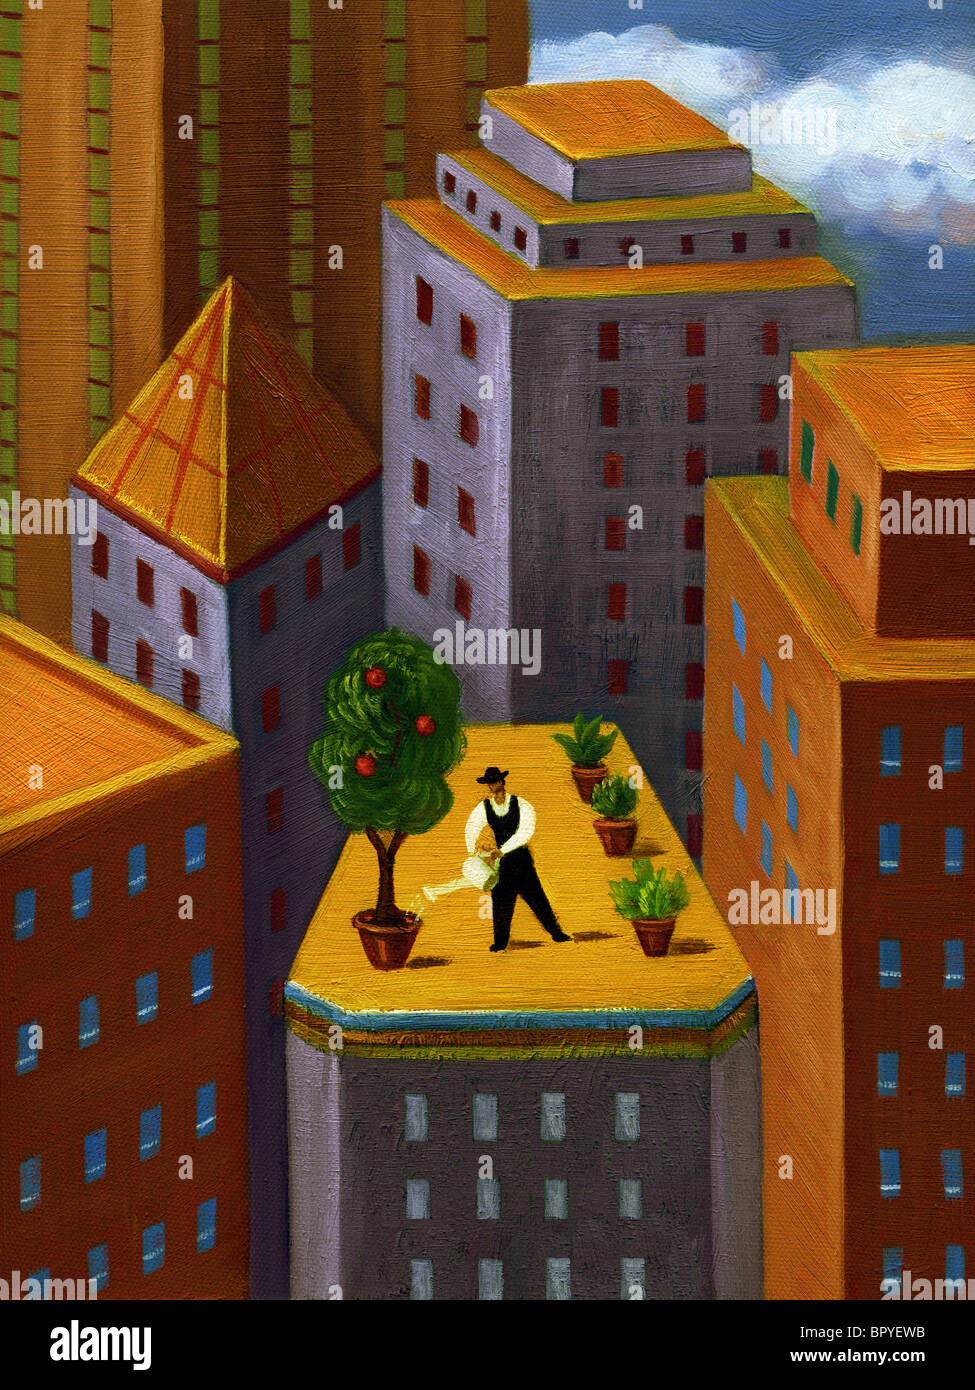 Un homme d'arroser un jardin sur le haut d'un immeuble dans la ville Photo Stock